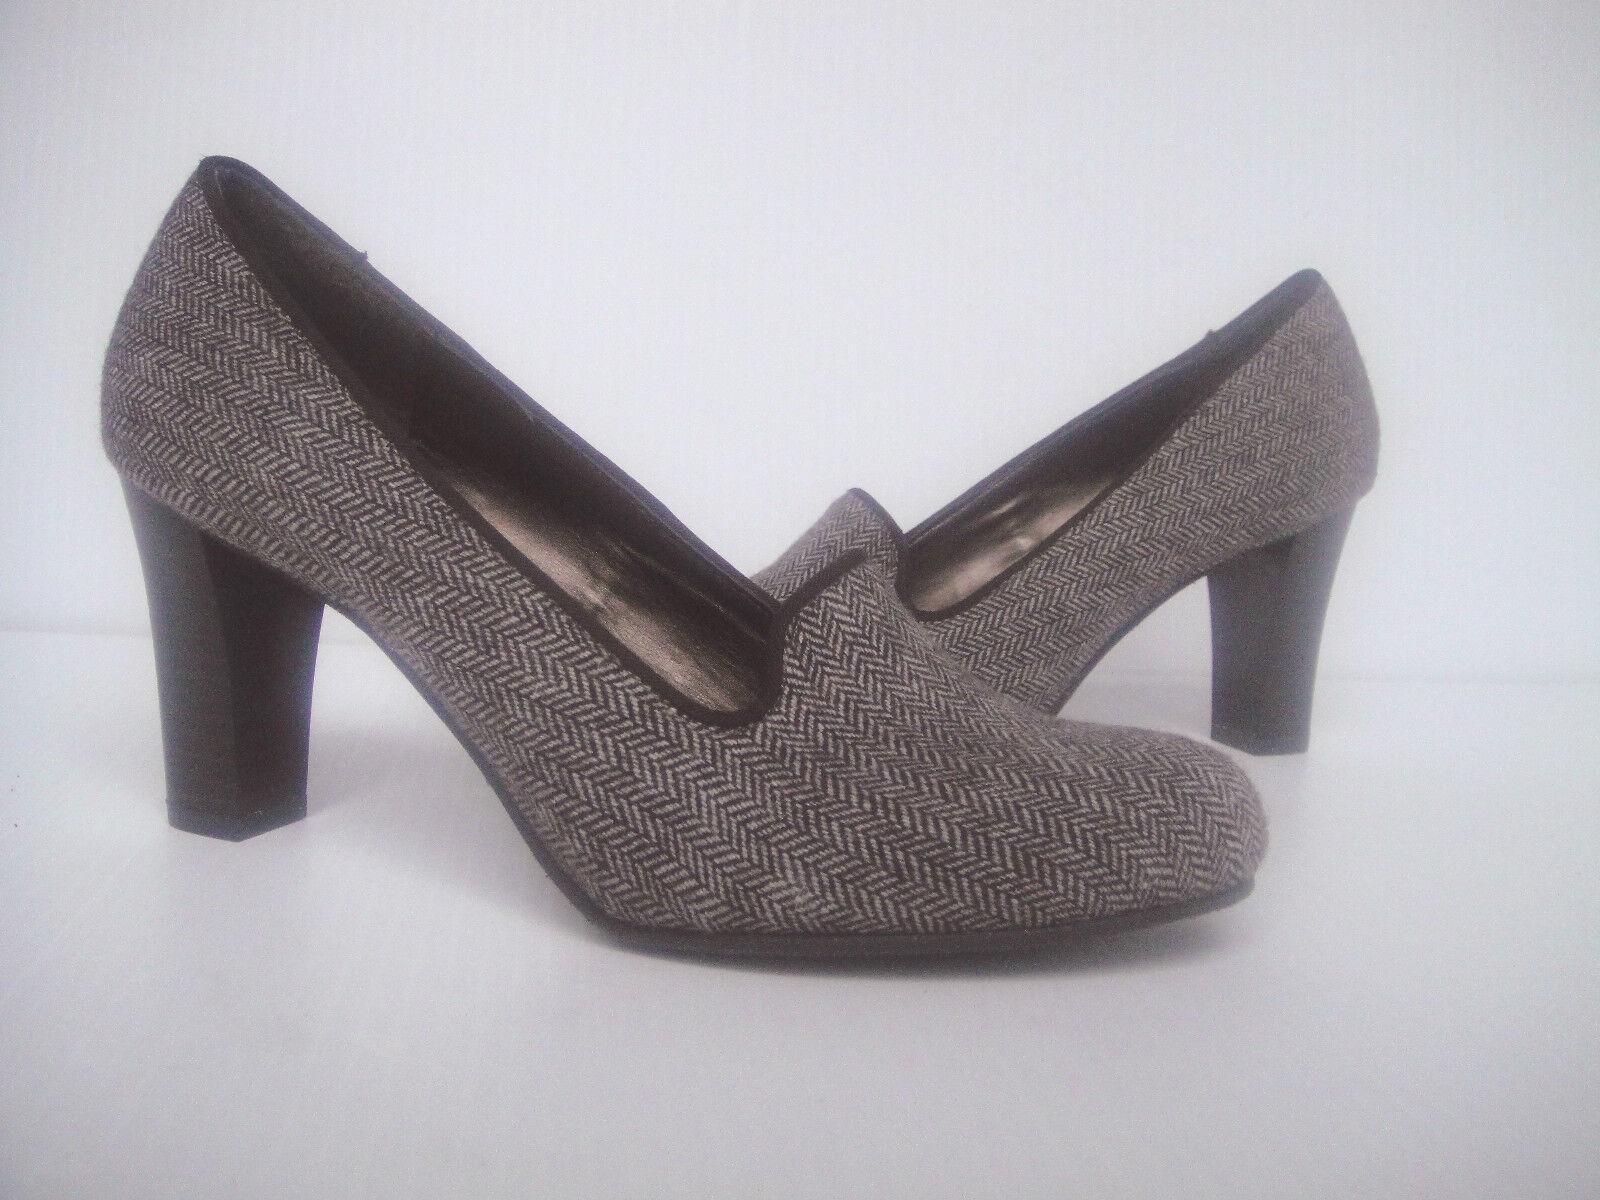 New Liz Claiborne Joanie Pump  femmes chaussures Taille 7